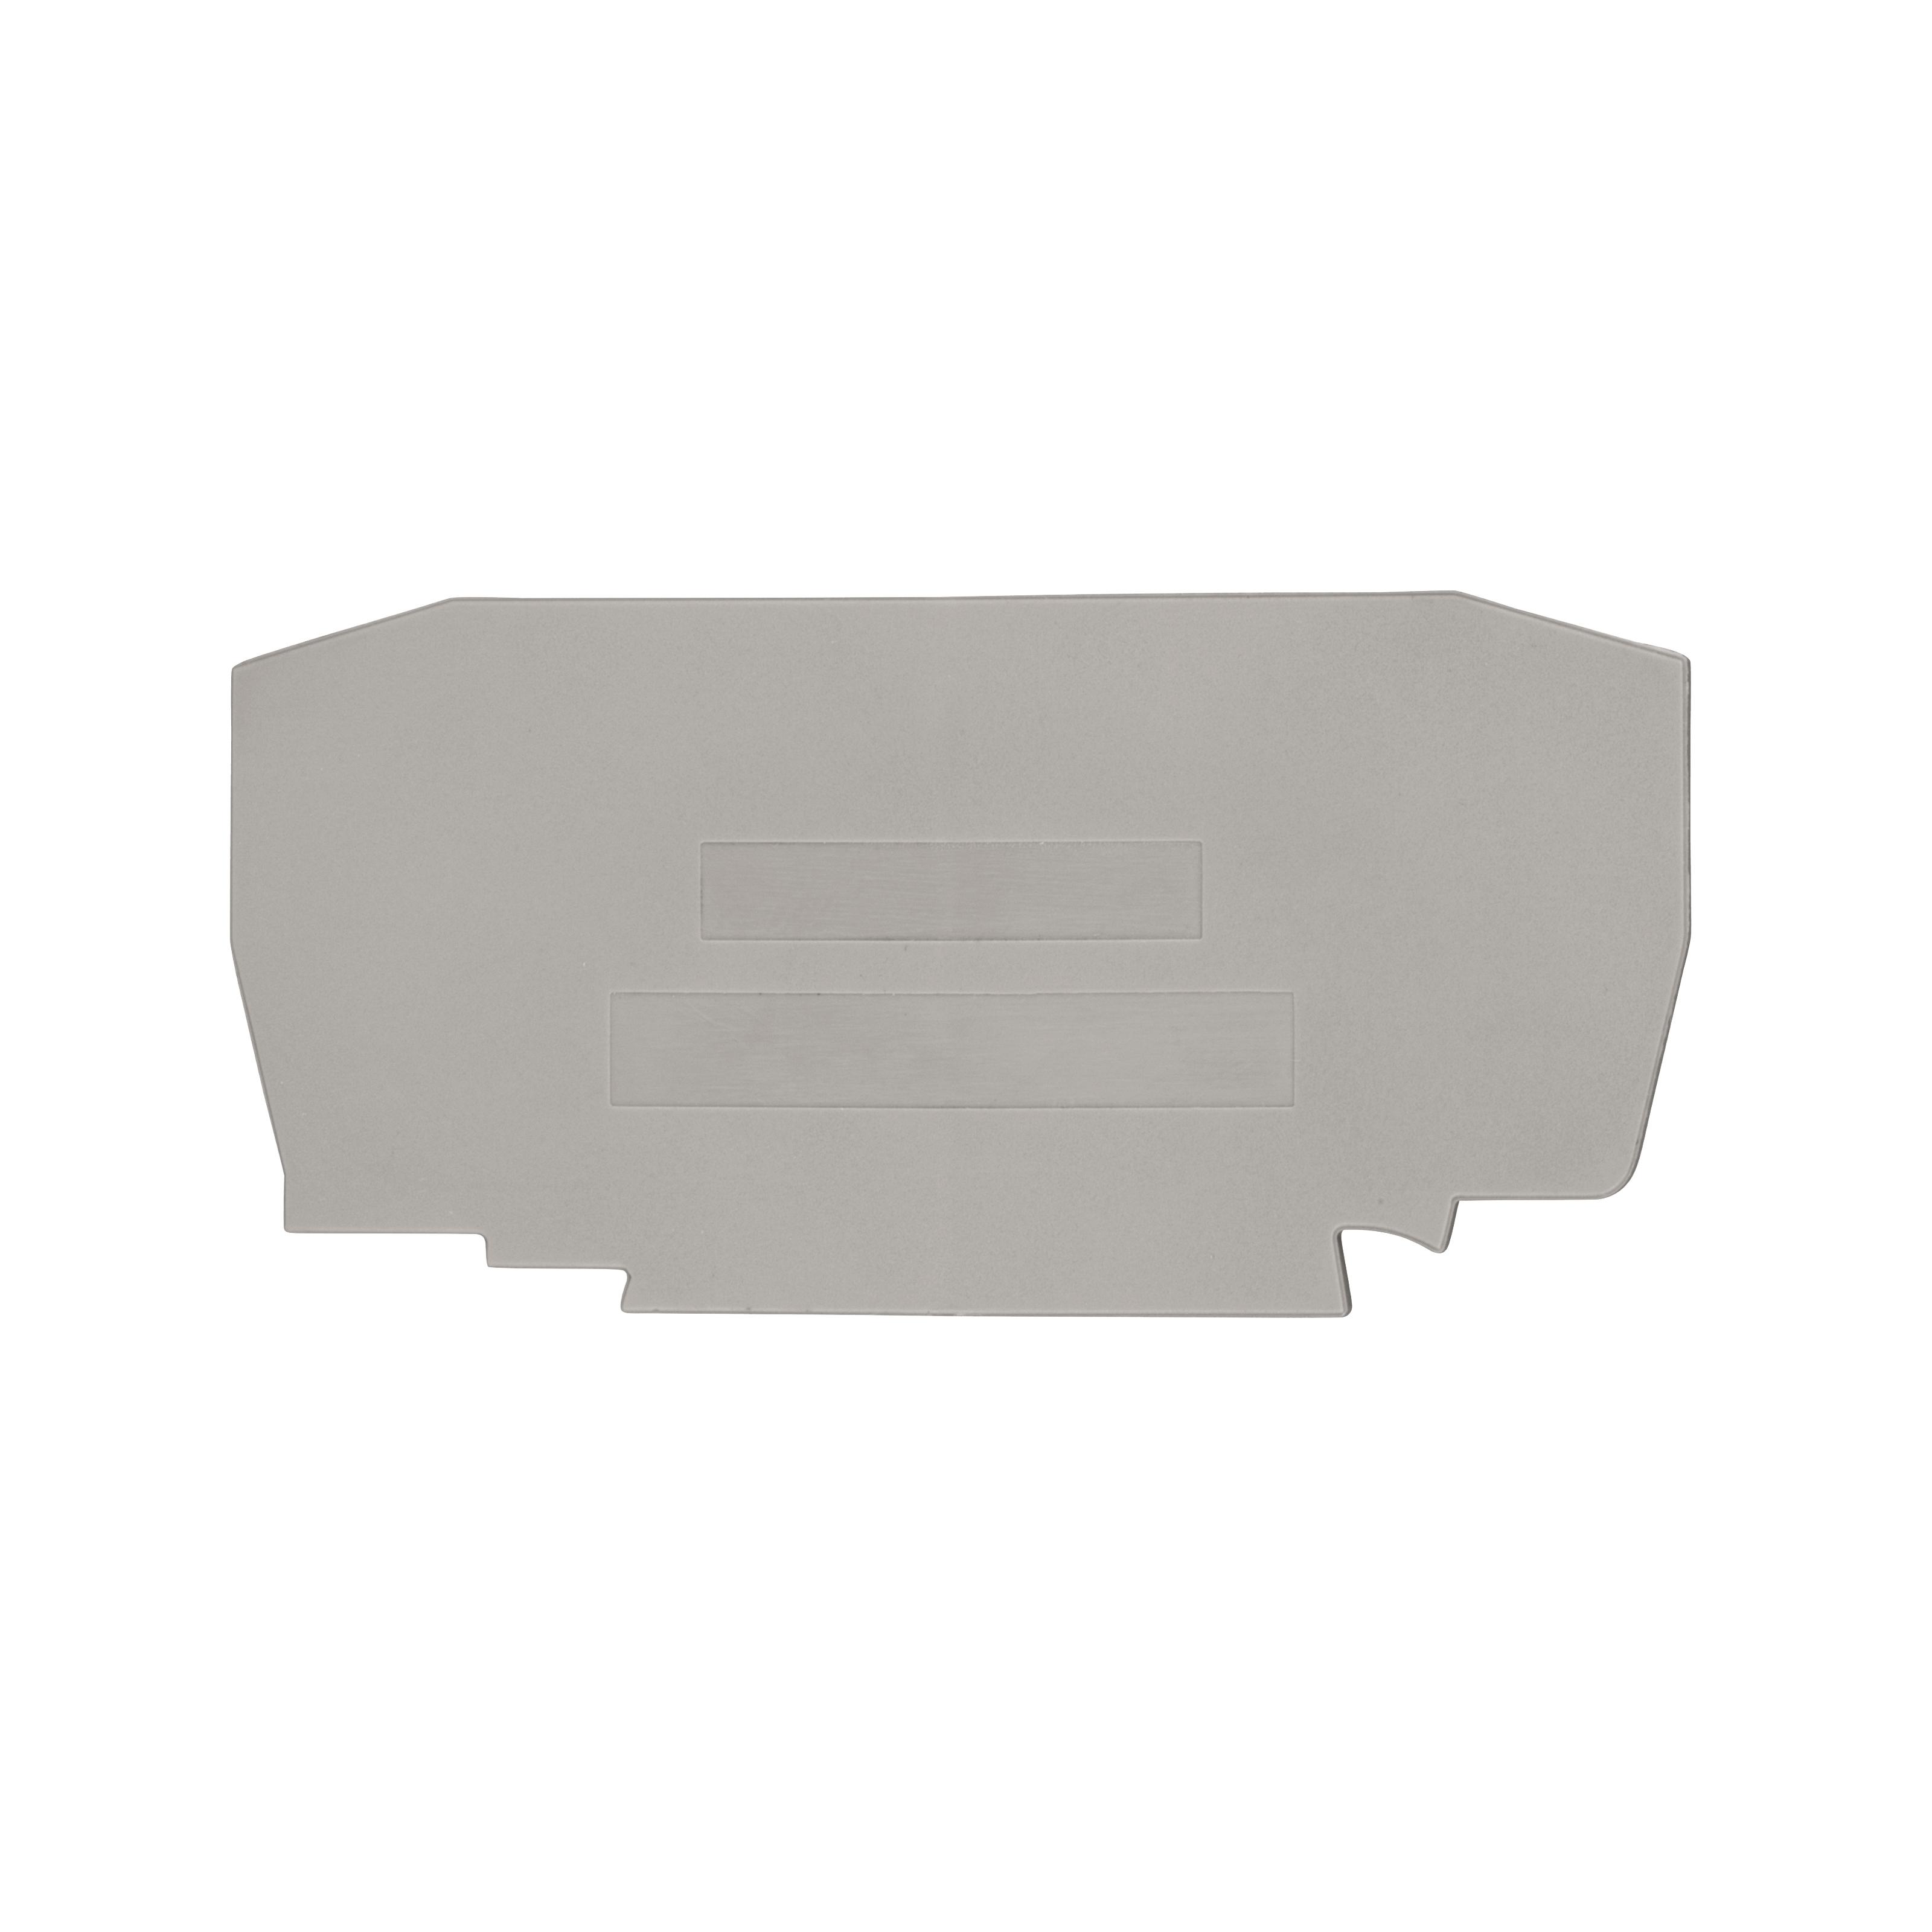 1 Stk Endplatte für Klemme, Type YBK 6mm² grau IK610206--